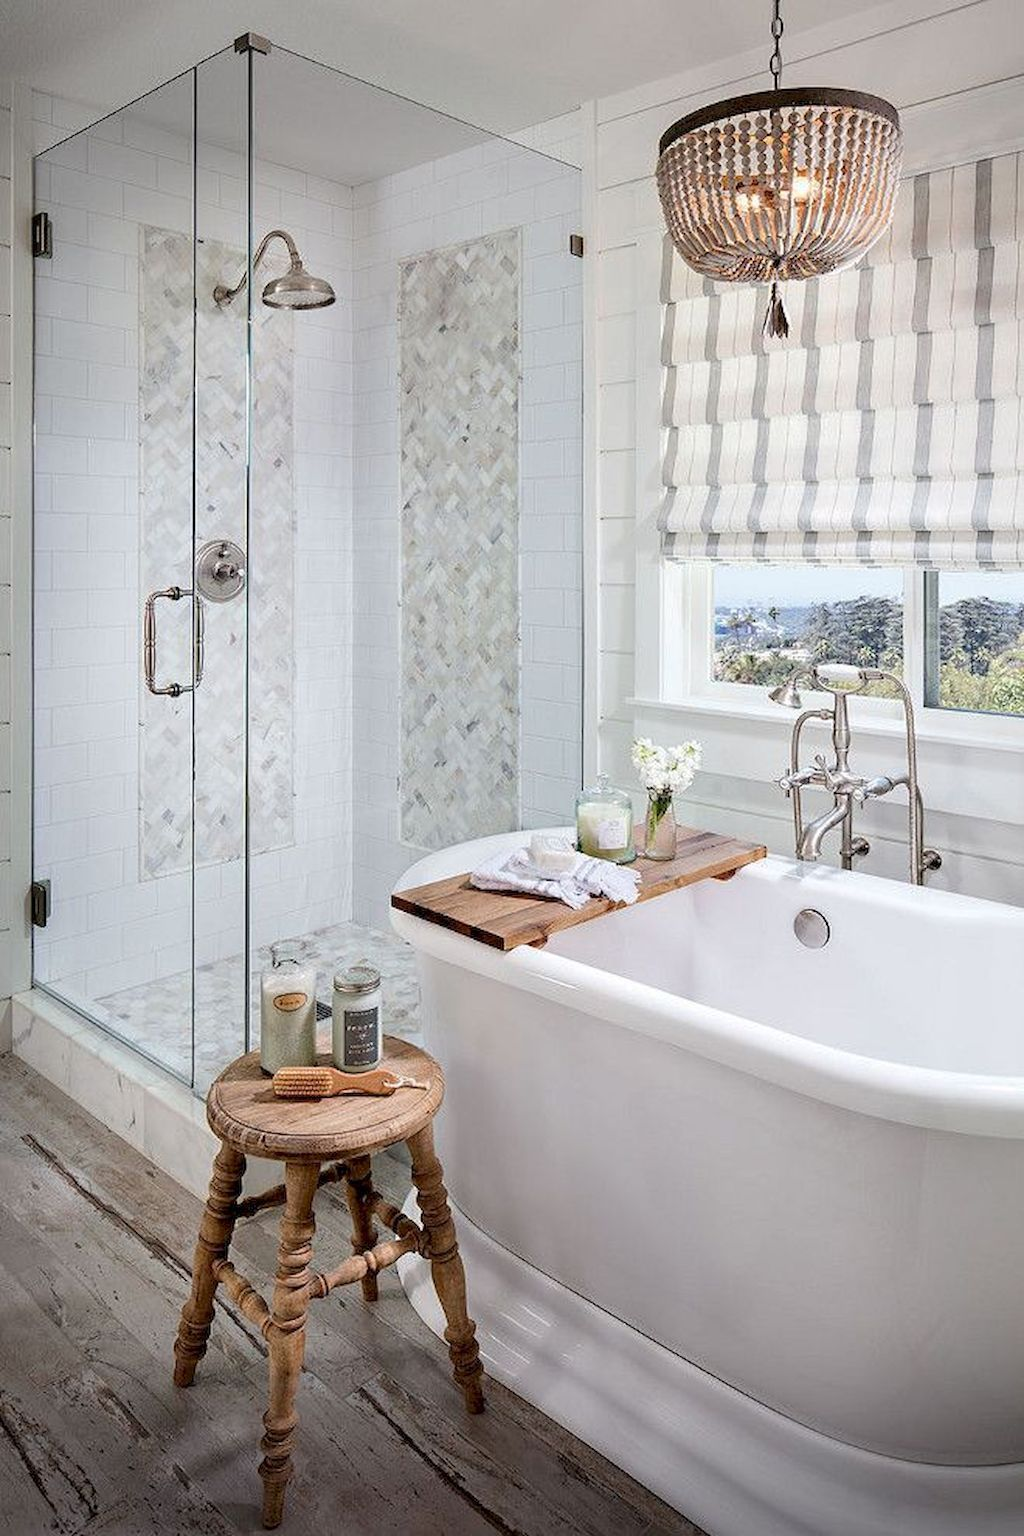 Farmhouse Rustic Bathroom Decor Ideas on A Budget (42)   Bathrooms ...